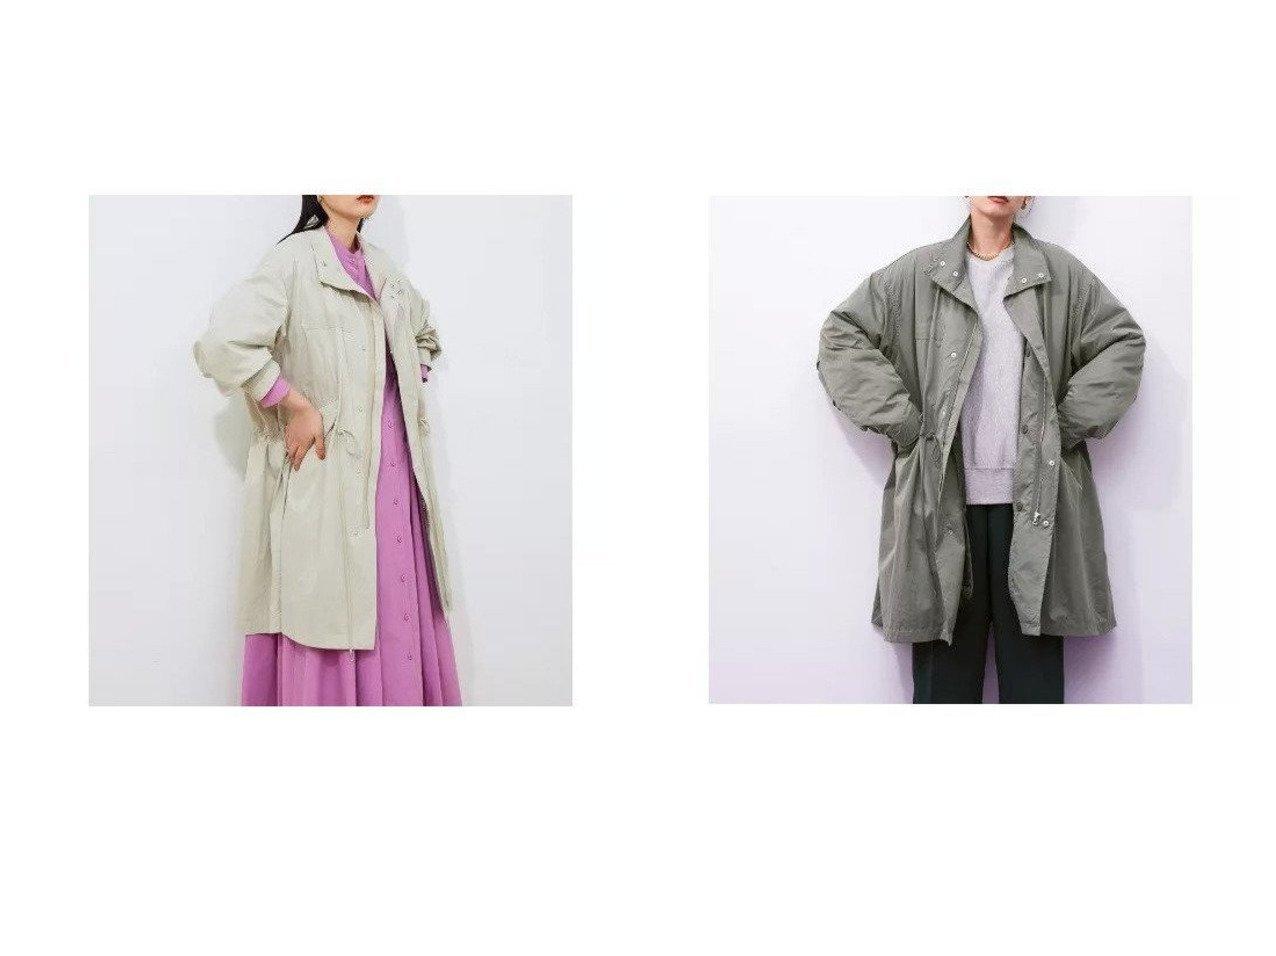 【ADAM ET ROPE'/アダム エ ロペ】の【WEB限定】M-65ライナーキルティング付きモッズコート 【アウター】おすすめ!人気、トレンド・レディースファッションの通販 おすすめで人気の流行・トレンド、ファッションの通販商品 インテリア・家具・メンズファッション・キッズファッション・レディースファッション・服の通販 founy(ファニー) https://founy.com/ ファッション Fashion レディースファッション WOMEN アウター Coat Outerwear コート Coats モッズ/フィールドコート Mods Coats/Field Coats 春 Spring キルティング ポケット メンズ モダン モッズコート ライナー リップ 冬 Winter A/W・秋冬 AW・Autumn/Winter・FW・Fall-Winter 2021年 2021 2021-2022秋冬・A/W AW・Autumn/Winter・FW・Fall-Winter・2021-2022 おすすめ Recommend |ID:crp329100000057892